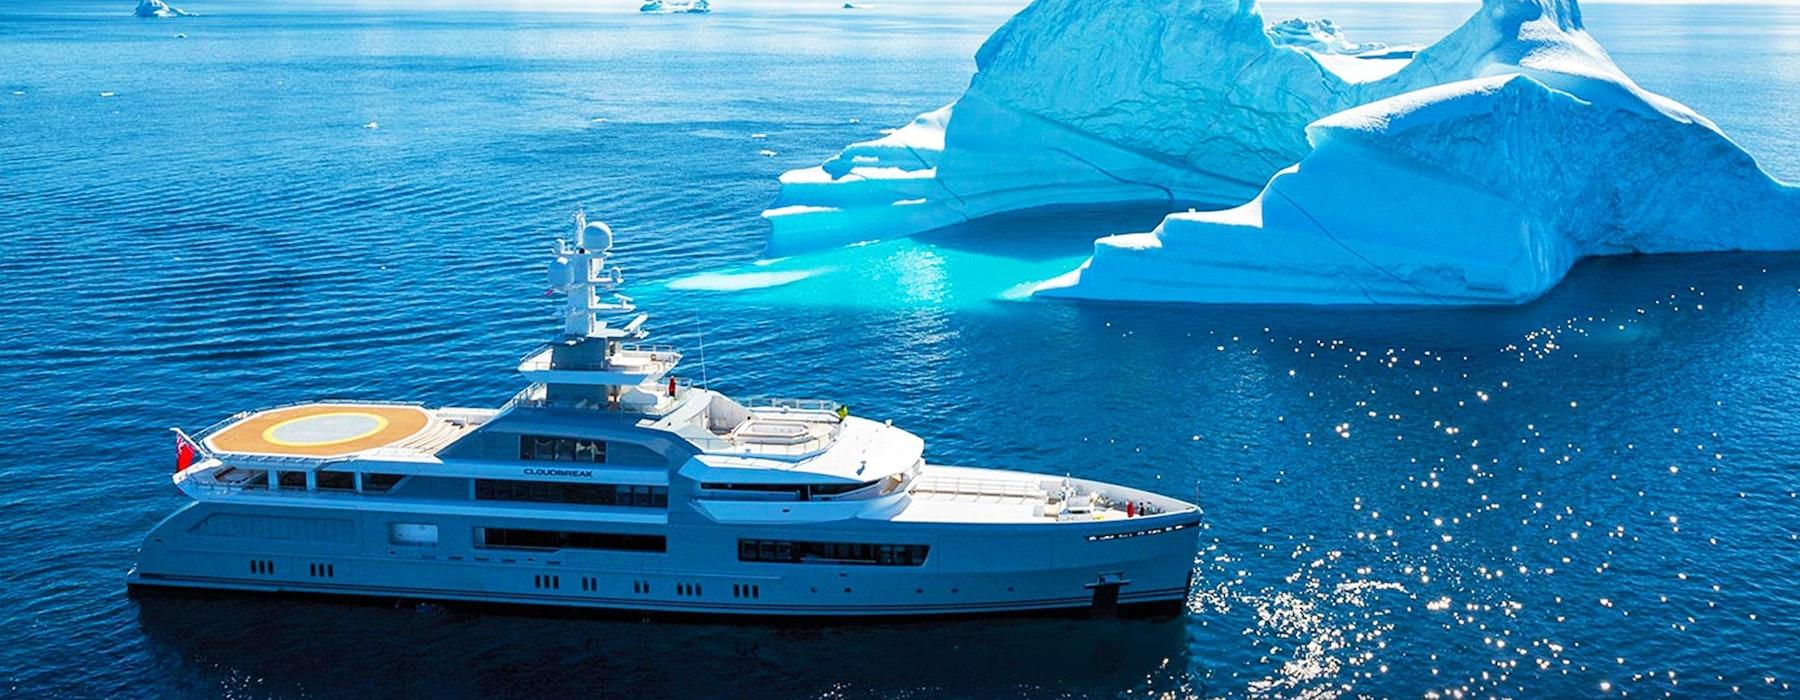 Yacht Builder Abeking & Rasmussen